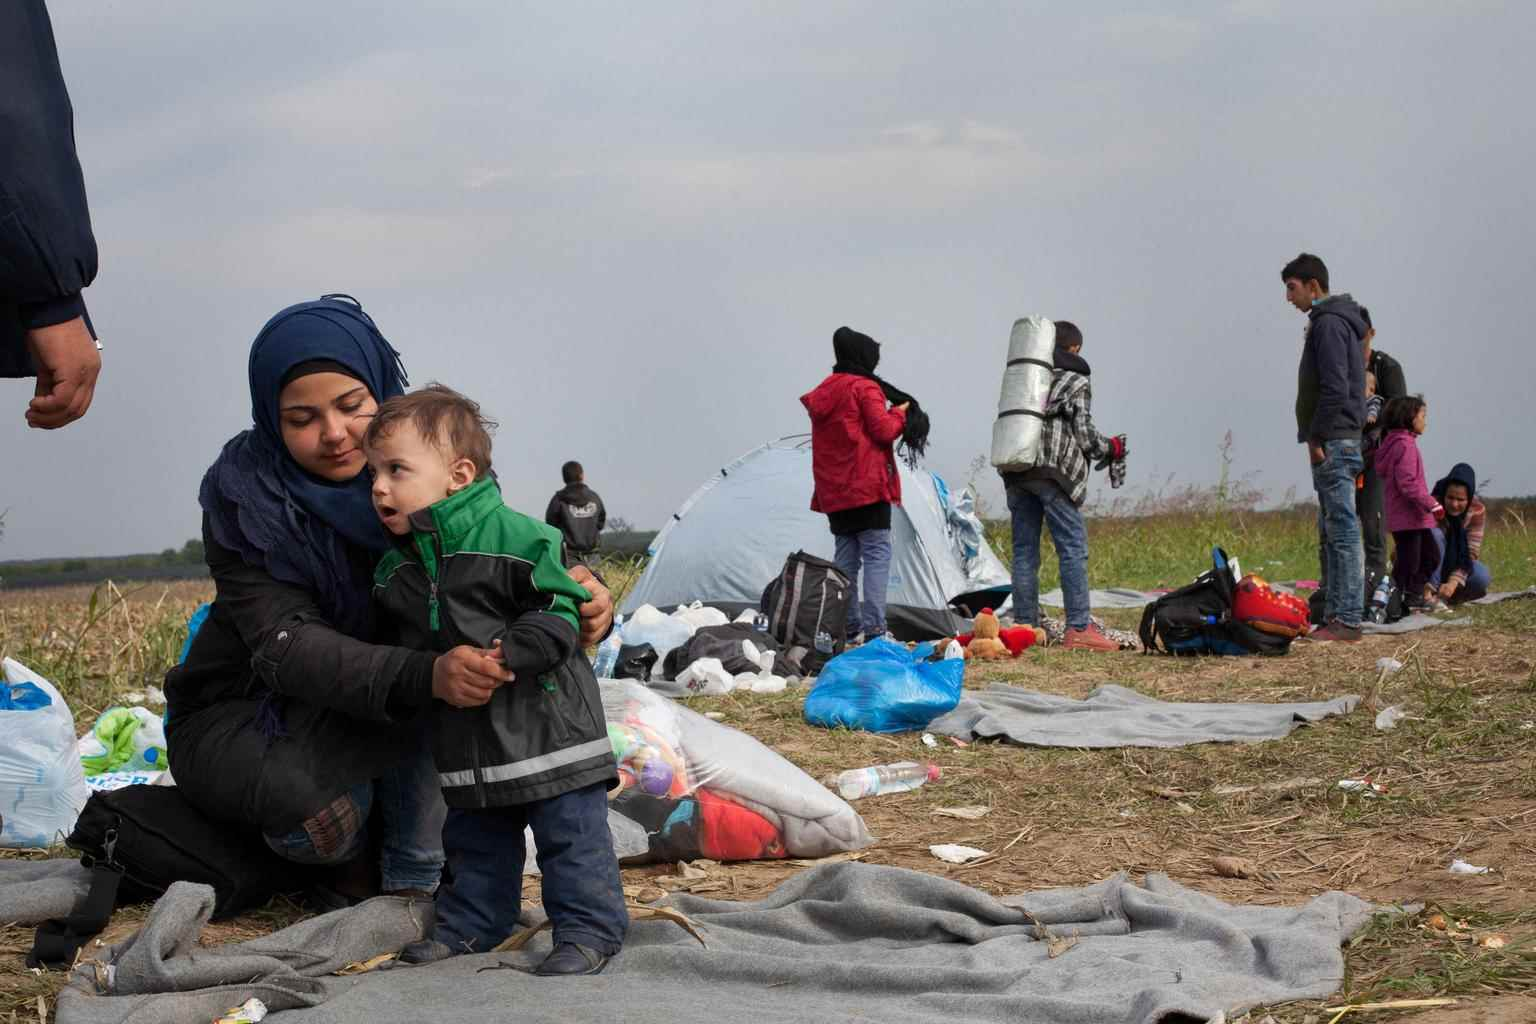 """عبر أكثر من مليون لاجئ ومهاجر إلى أوروبا في عام 2015 بحثًا عن الأمان، من بينهم شيماء، التي في هذه الصورة وهي تستعد لأخيها الصغير يوسف للمرور من مركز عبور في صربيا. """"أنا هنا لاجئة سورية وأذهب إلى ألمانيا لأضع حدًا للمعاناة والألم، يكفي ألمًا، كفي اضطهادًا، لم يعد للفرح مكانًا في قلوبنا، لقد ذهب كل شيء، لقد ذهب بلدنا، هذا هو ألم الشعب السوري المشترك """".  وأكدت شيماء حينها، أنها لا تريد أي شيء من الحياة سوى سقف فوق رؤسهم وحصيرة للجلوس عليها- تشرين الأول 2015 (يونيسيف)"""